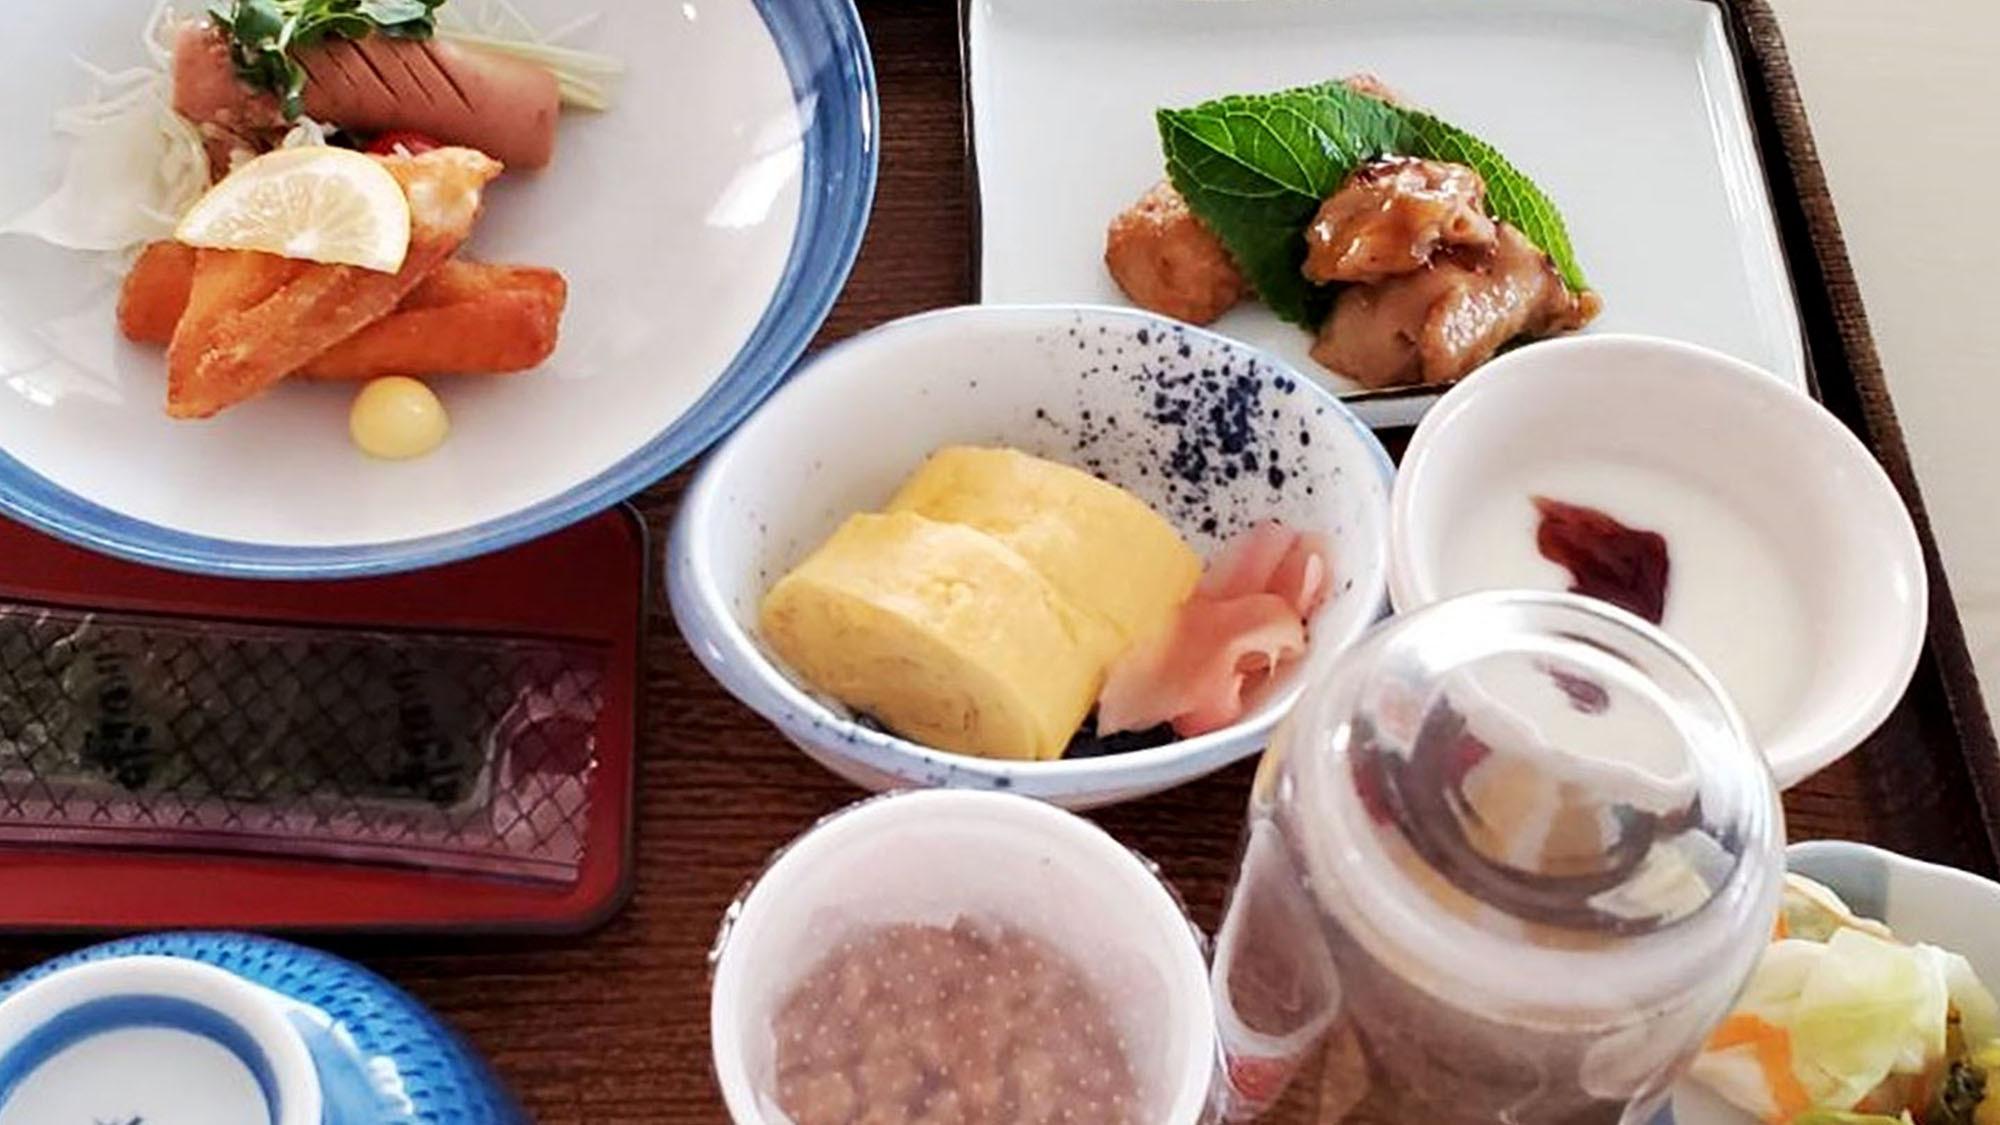 ・朝定食一例:炊き立てのご飯に熱々のお味噌汁 旅館ならではの朝食